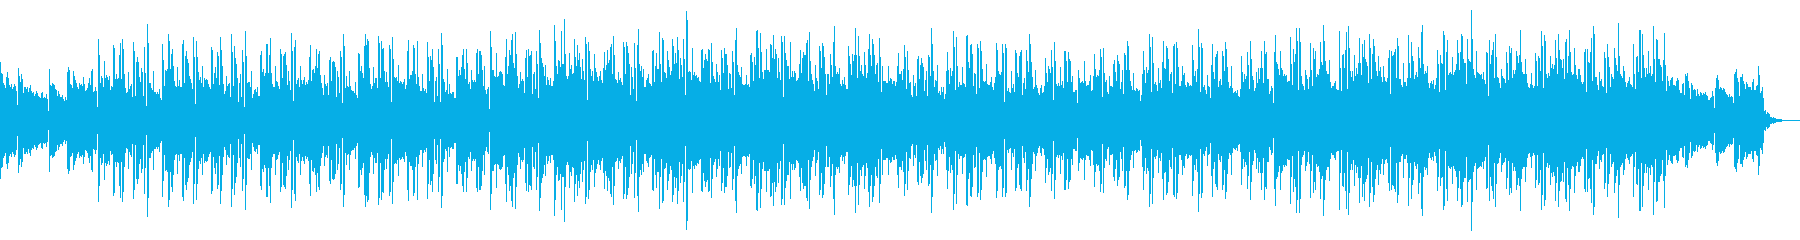 切ない哀愁感ヒップホップ・エンディングの再生済みの波形